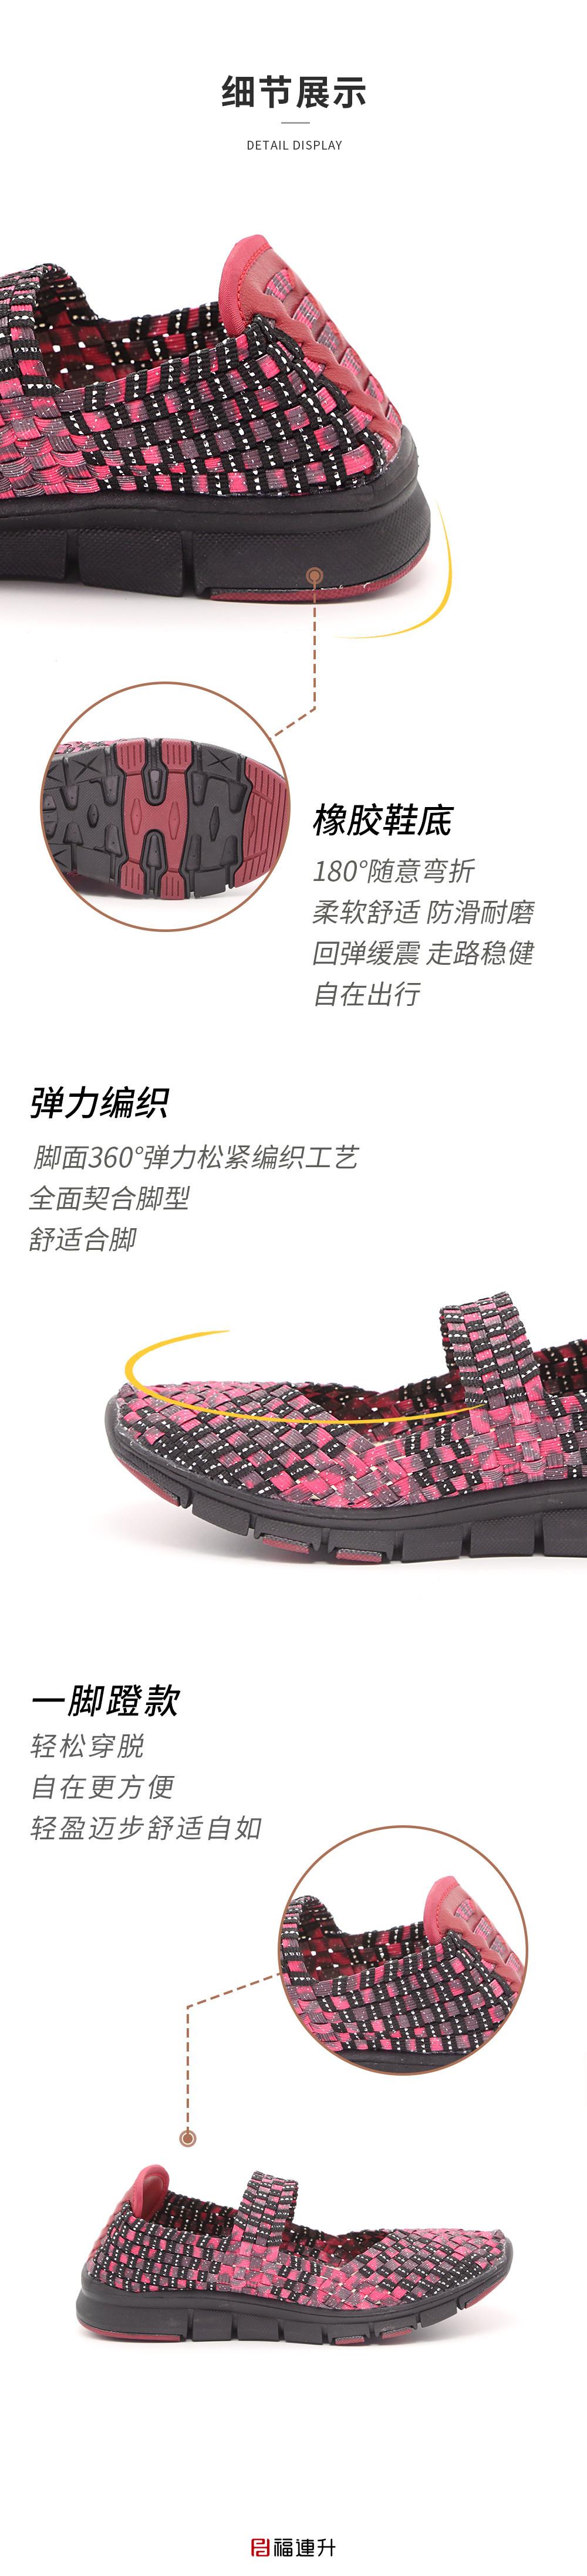 福连升休闲女鞋 编织洞洞鞋清爽透气凉鞋图片